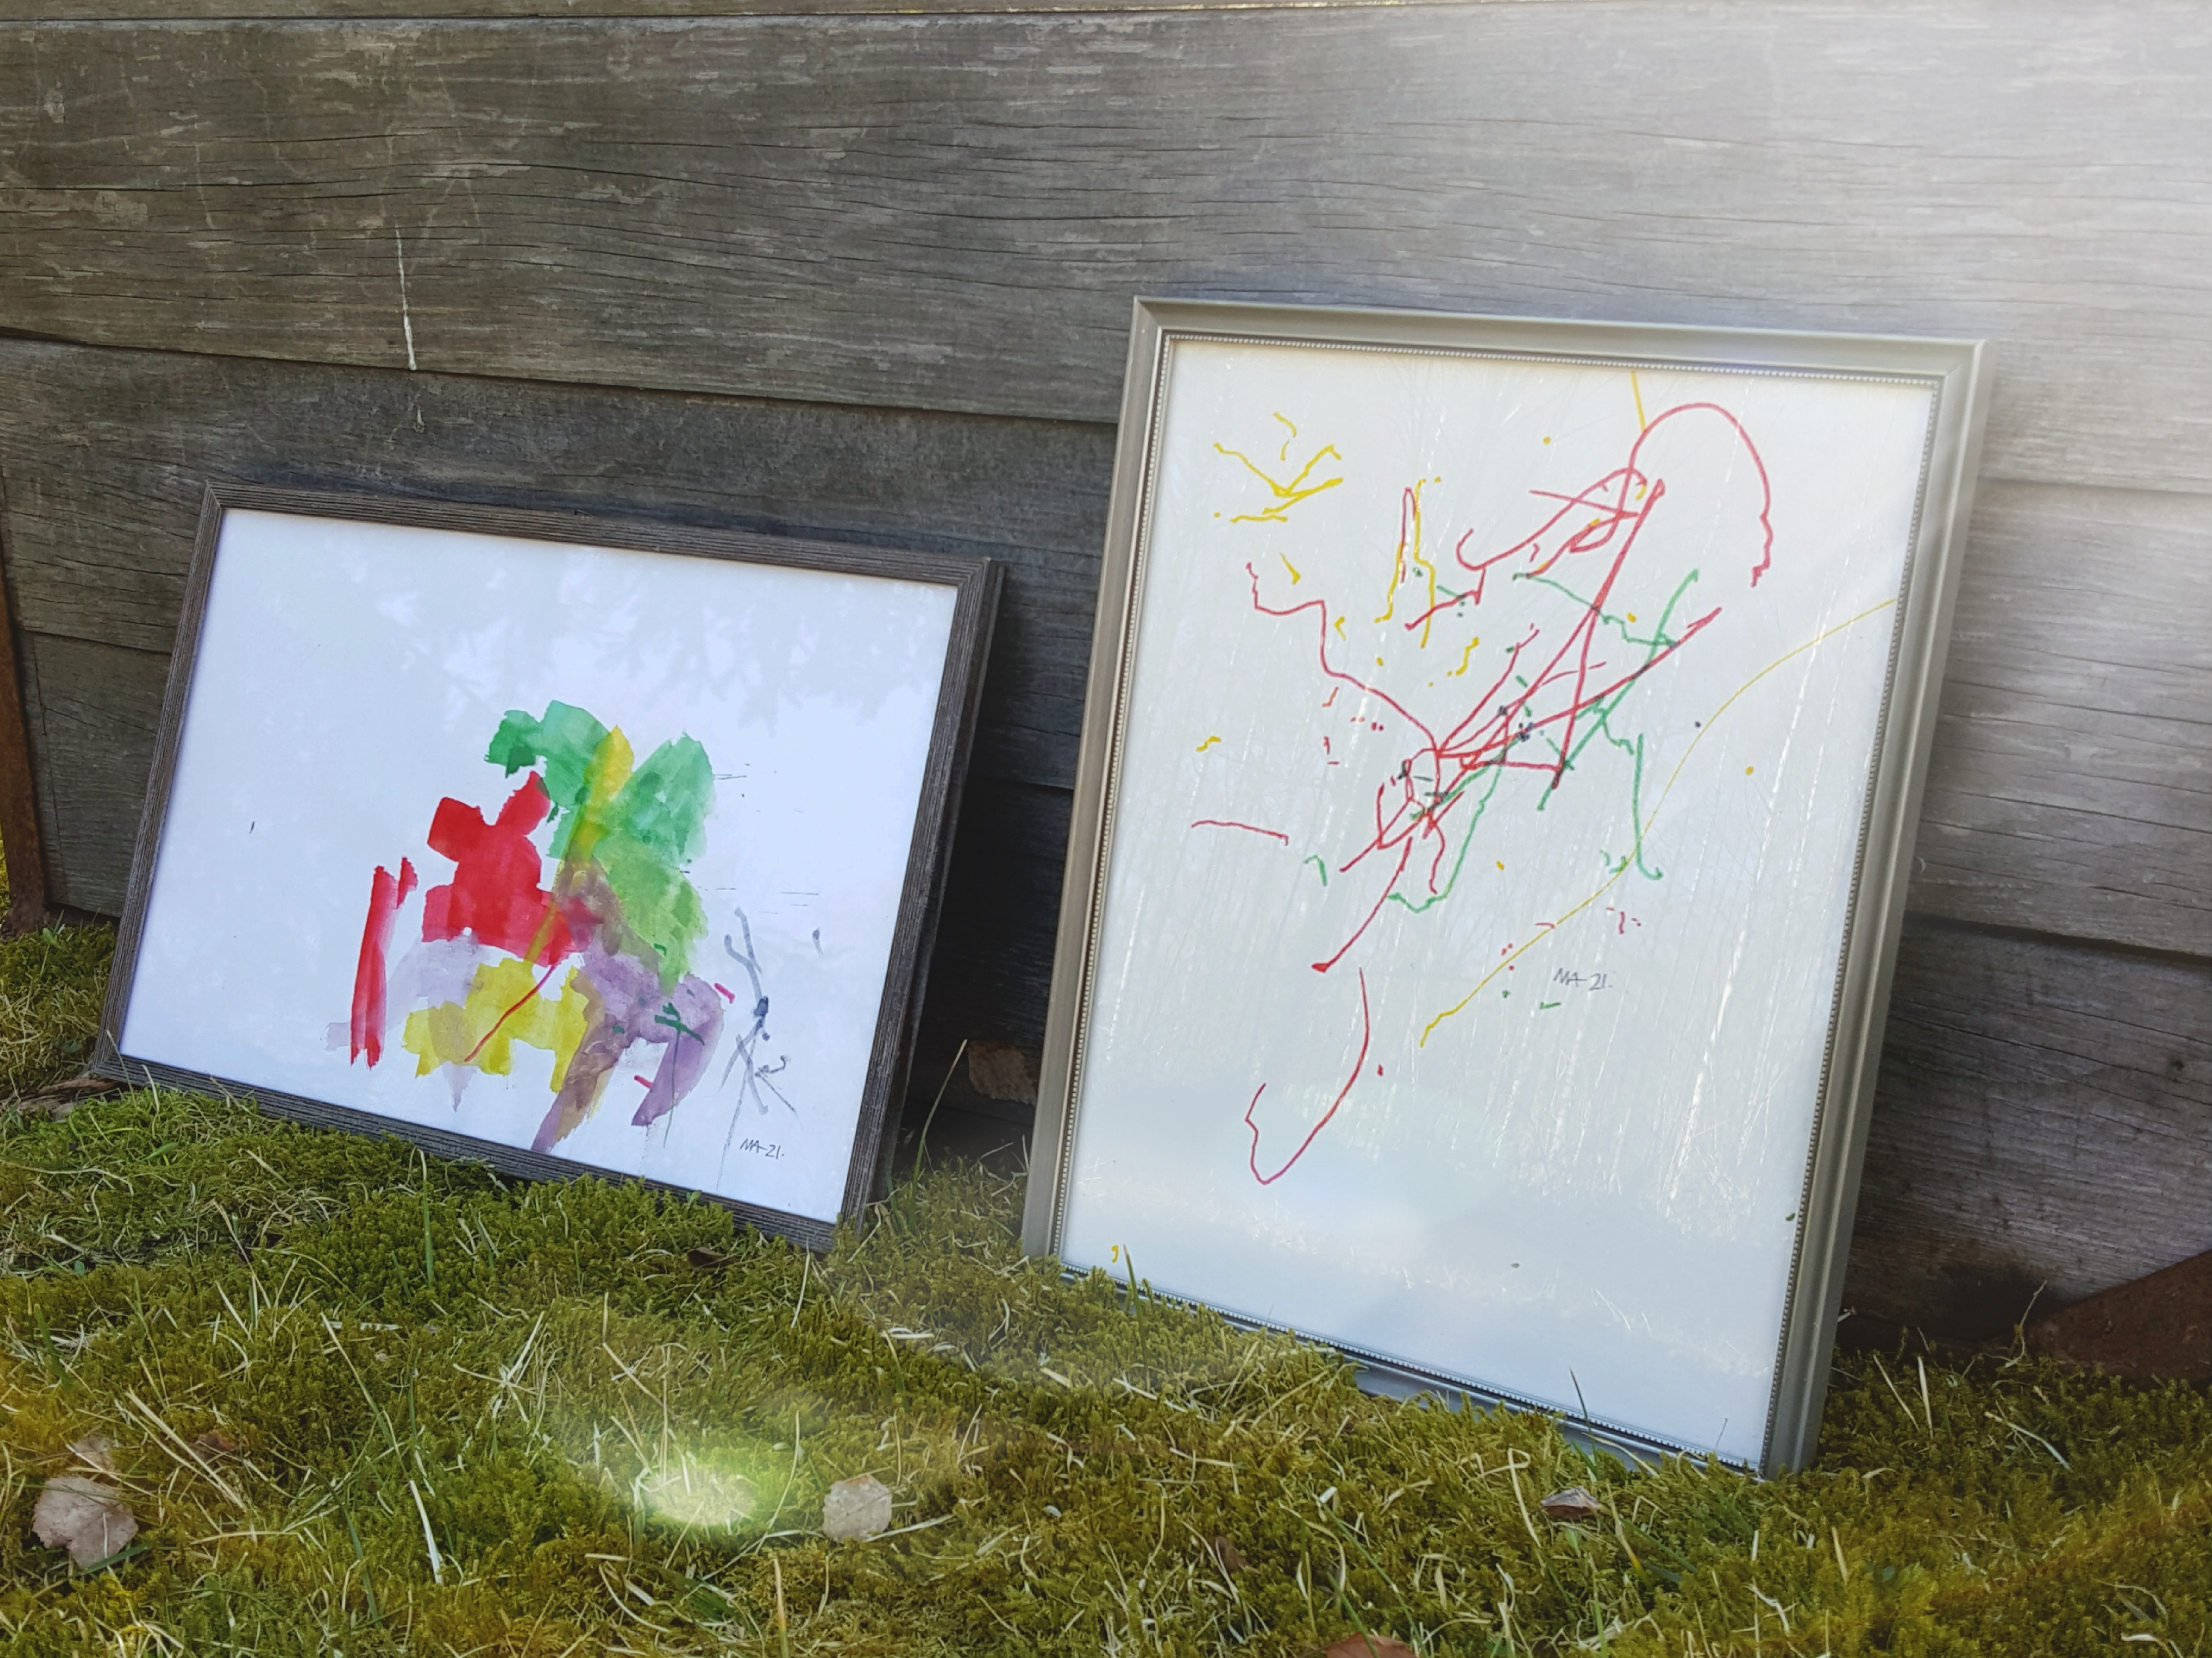 Abstrakt målning gjord i vattenfärg och en tuschmålning i olika färger